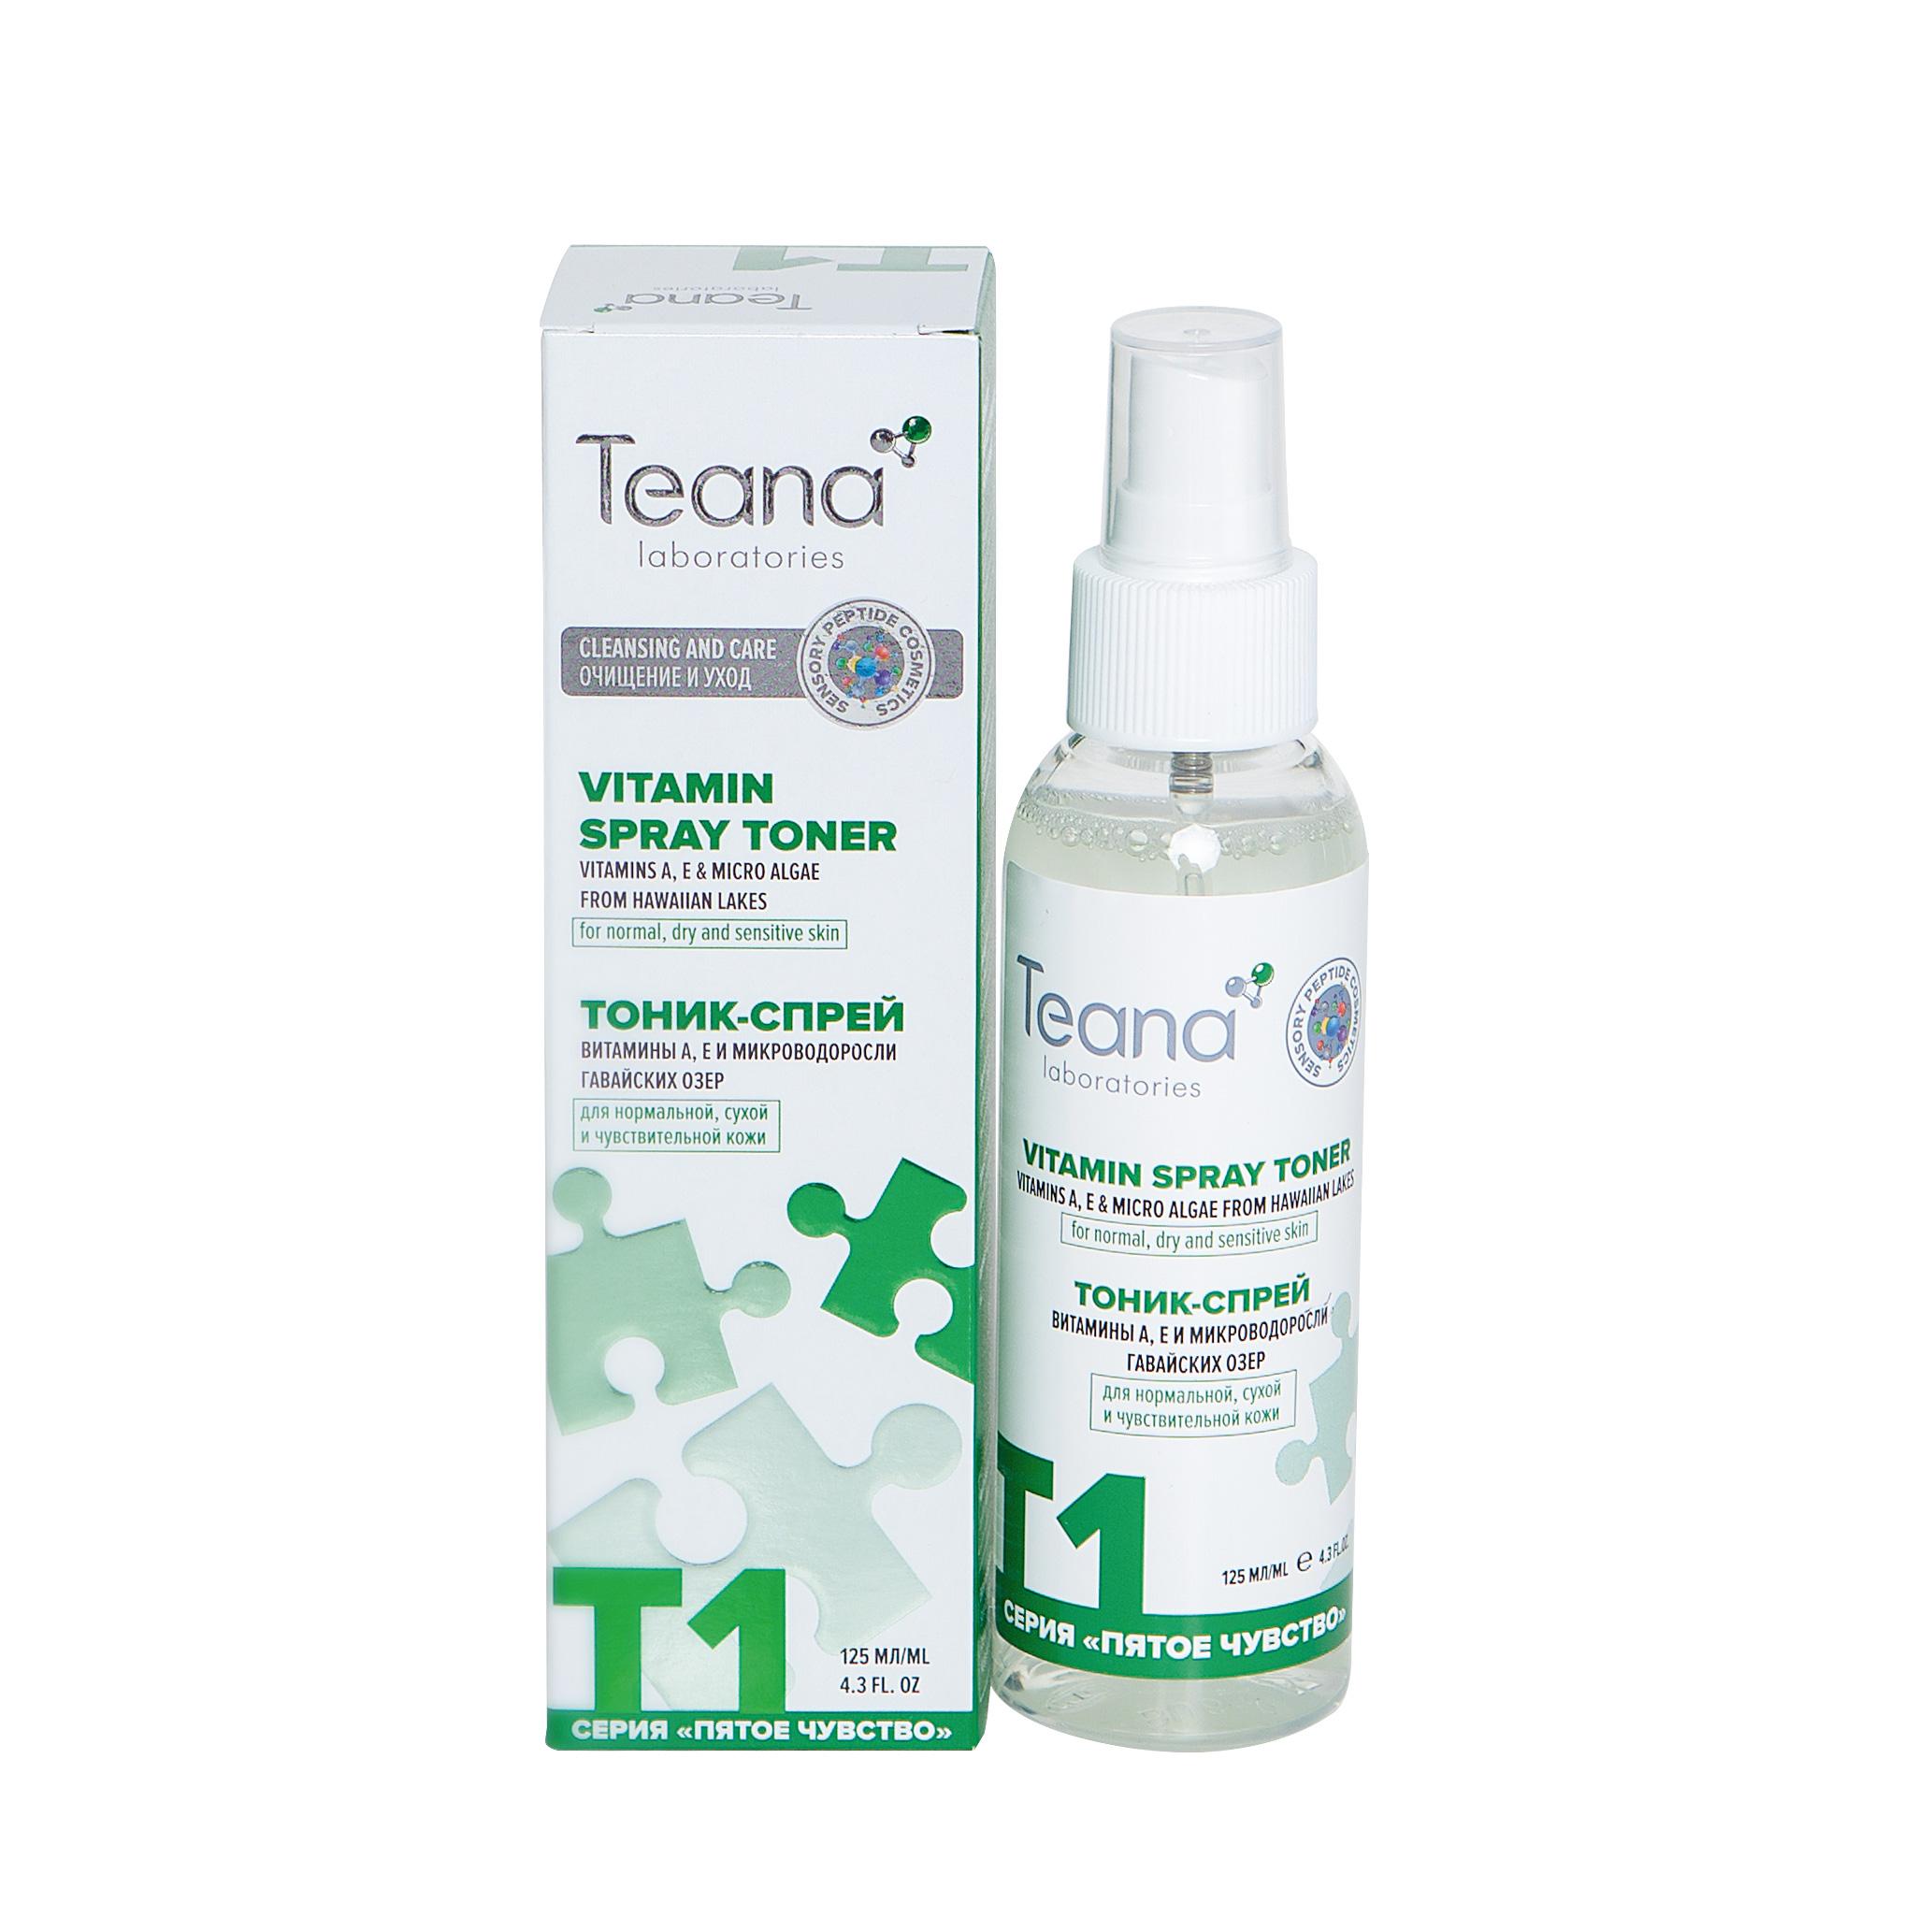 Купить Teana Энергетический витаминный тоник-спрей для сухой, чувствительной и нормальной кожи 150 мл (Teana, Пятое чувство), Россия